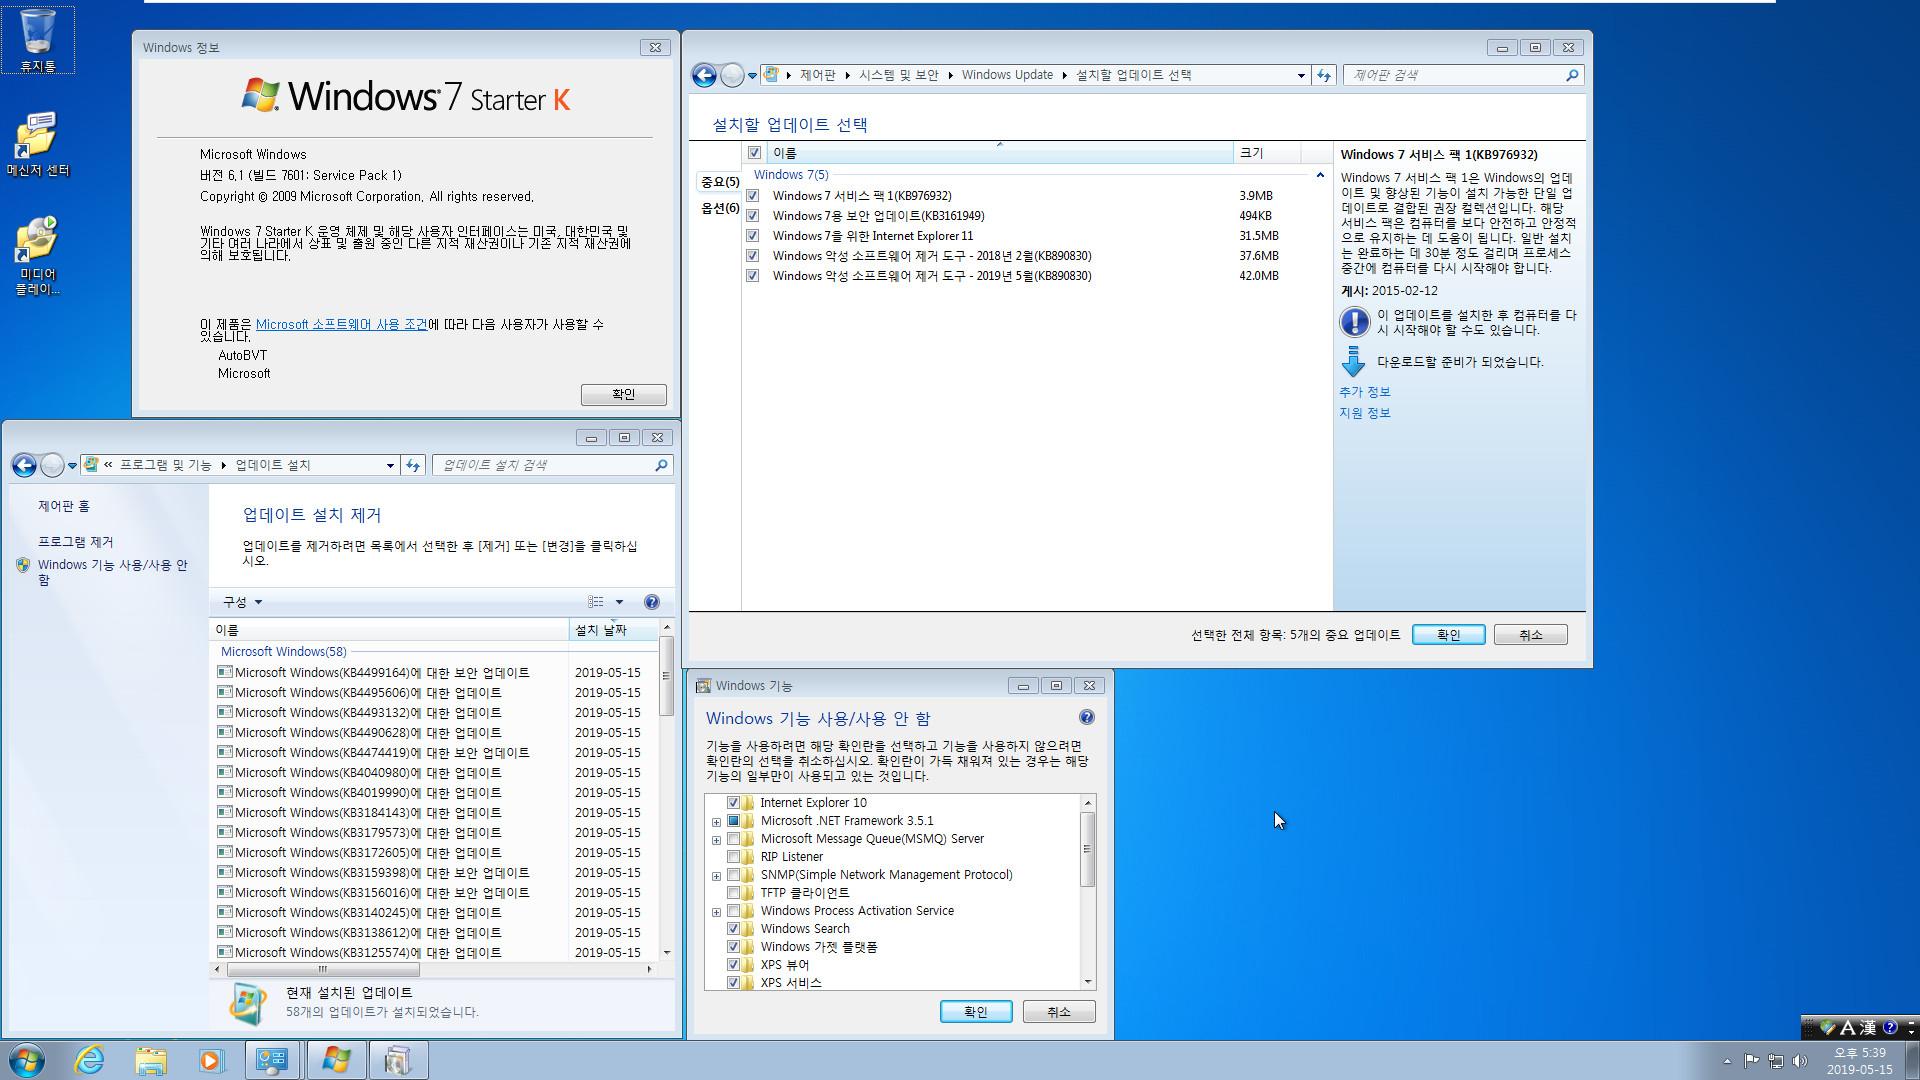 2019년 5월 15일 정기 업데이트 - Windows 7 롤업 업데이트 KB4499164 (OS 빌드 7601.24443) IE10 통합중 입니다 2019-05-15_173933.jpg